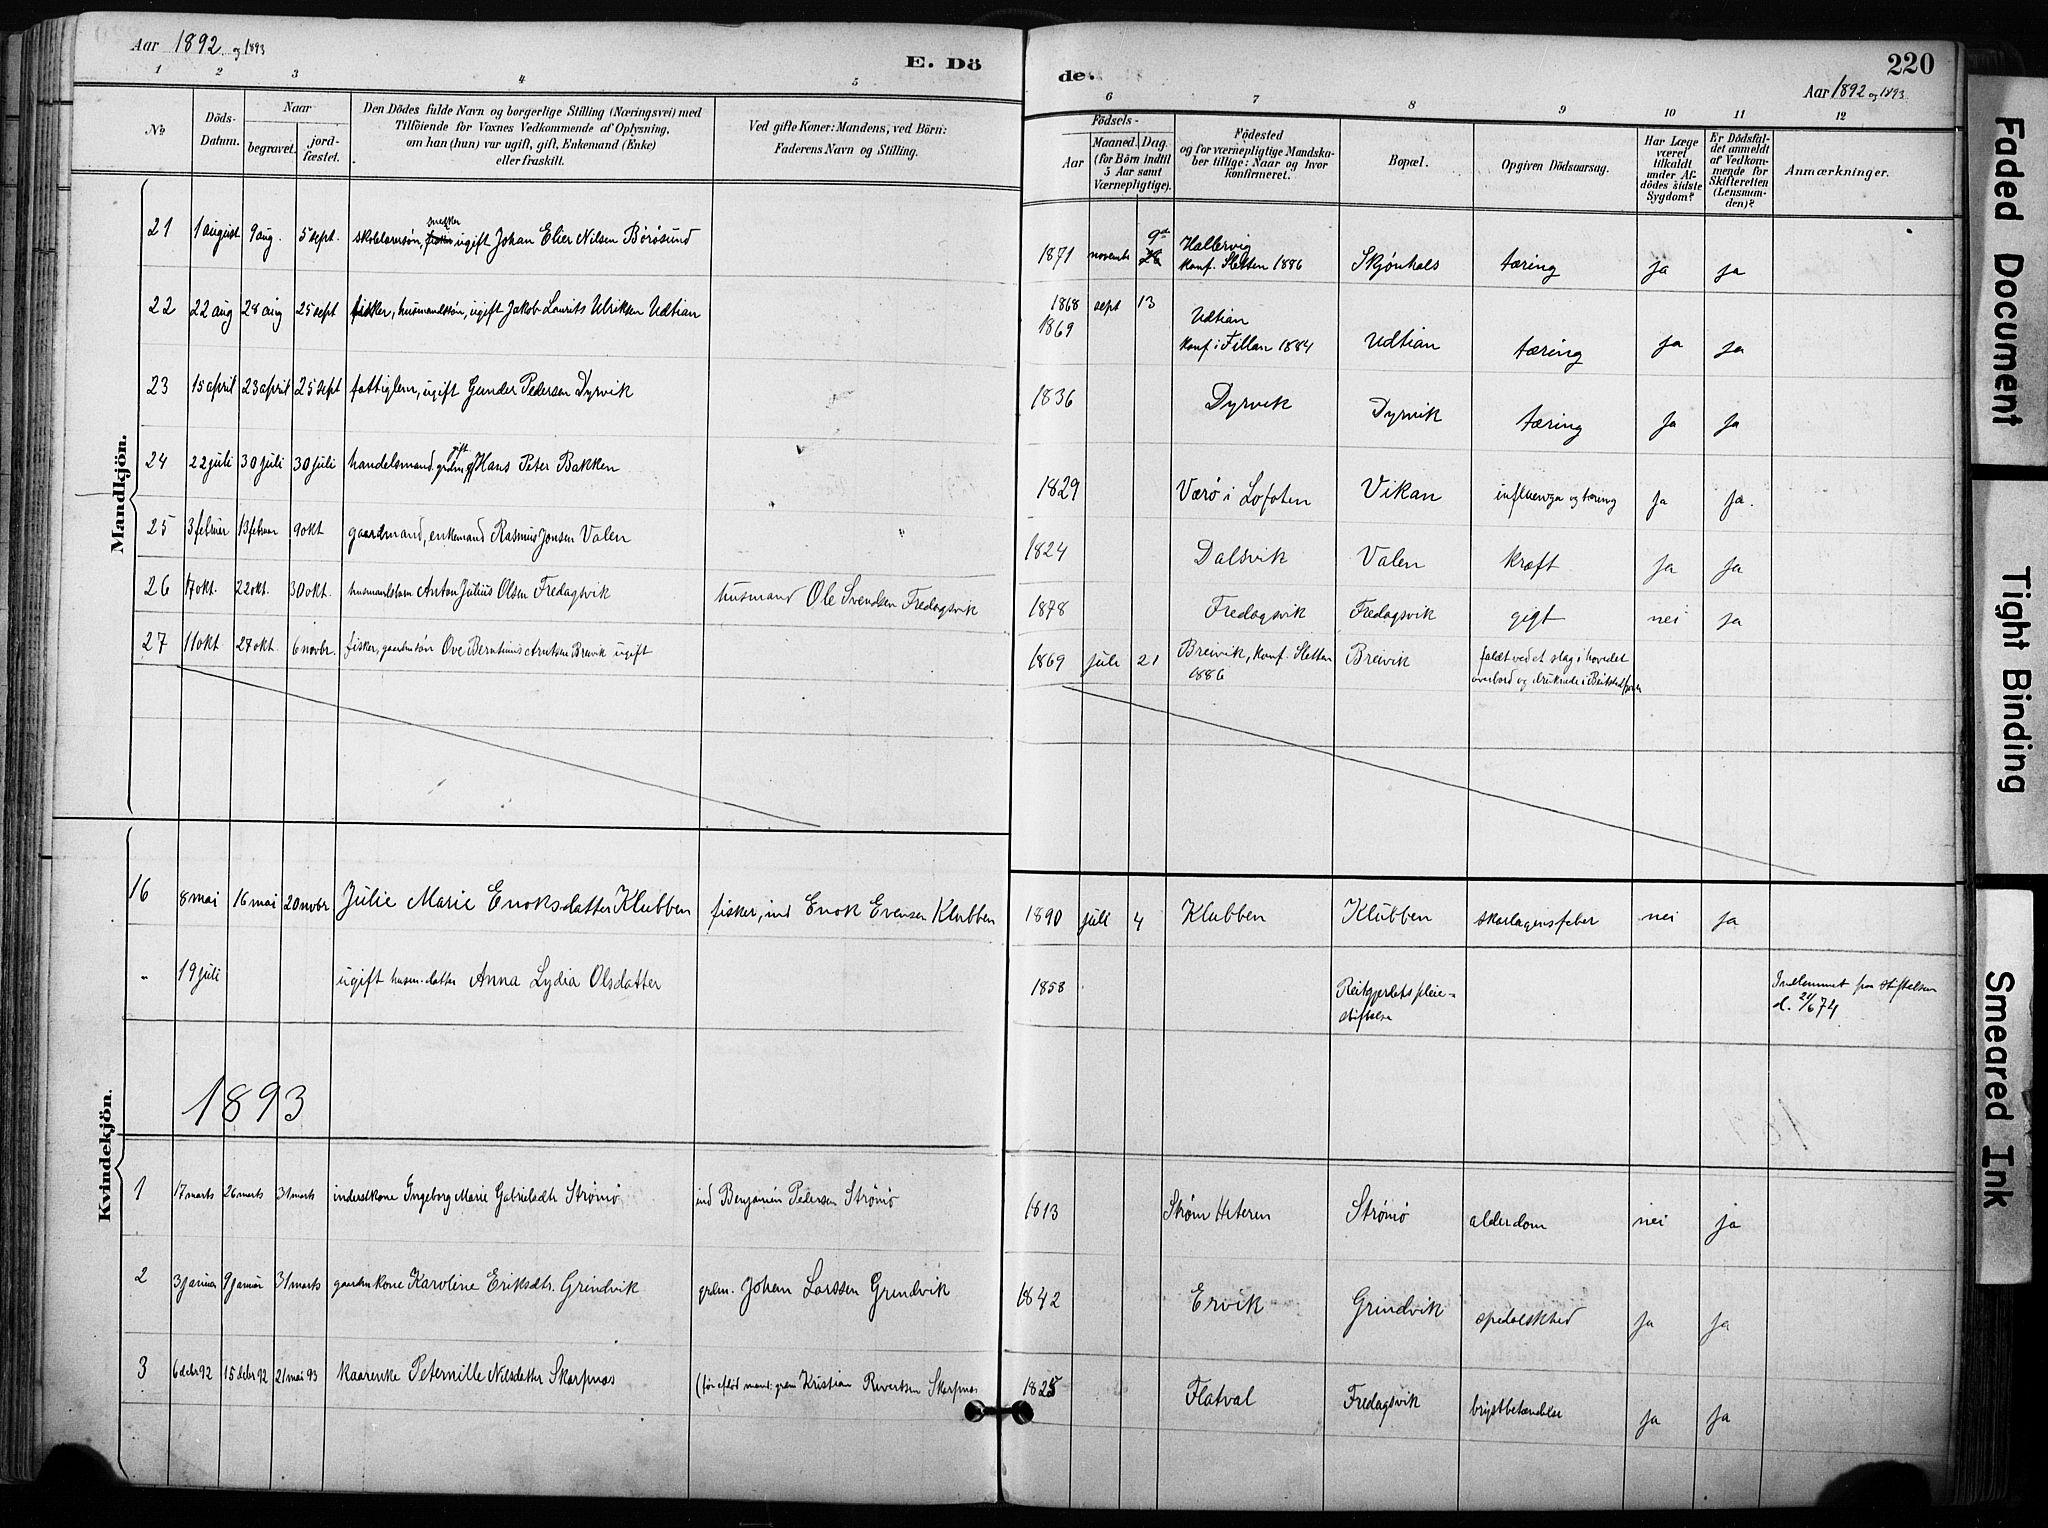 SAT, Ministerialprotokoller, klokkerbøker og fødselsregistre - Sør-Trøndelag, 640/L0579: Ministerialbok nr. 640A04, 1889-1902, s. 220